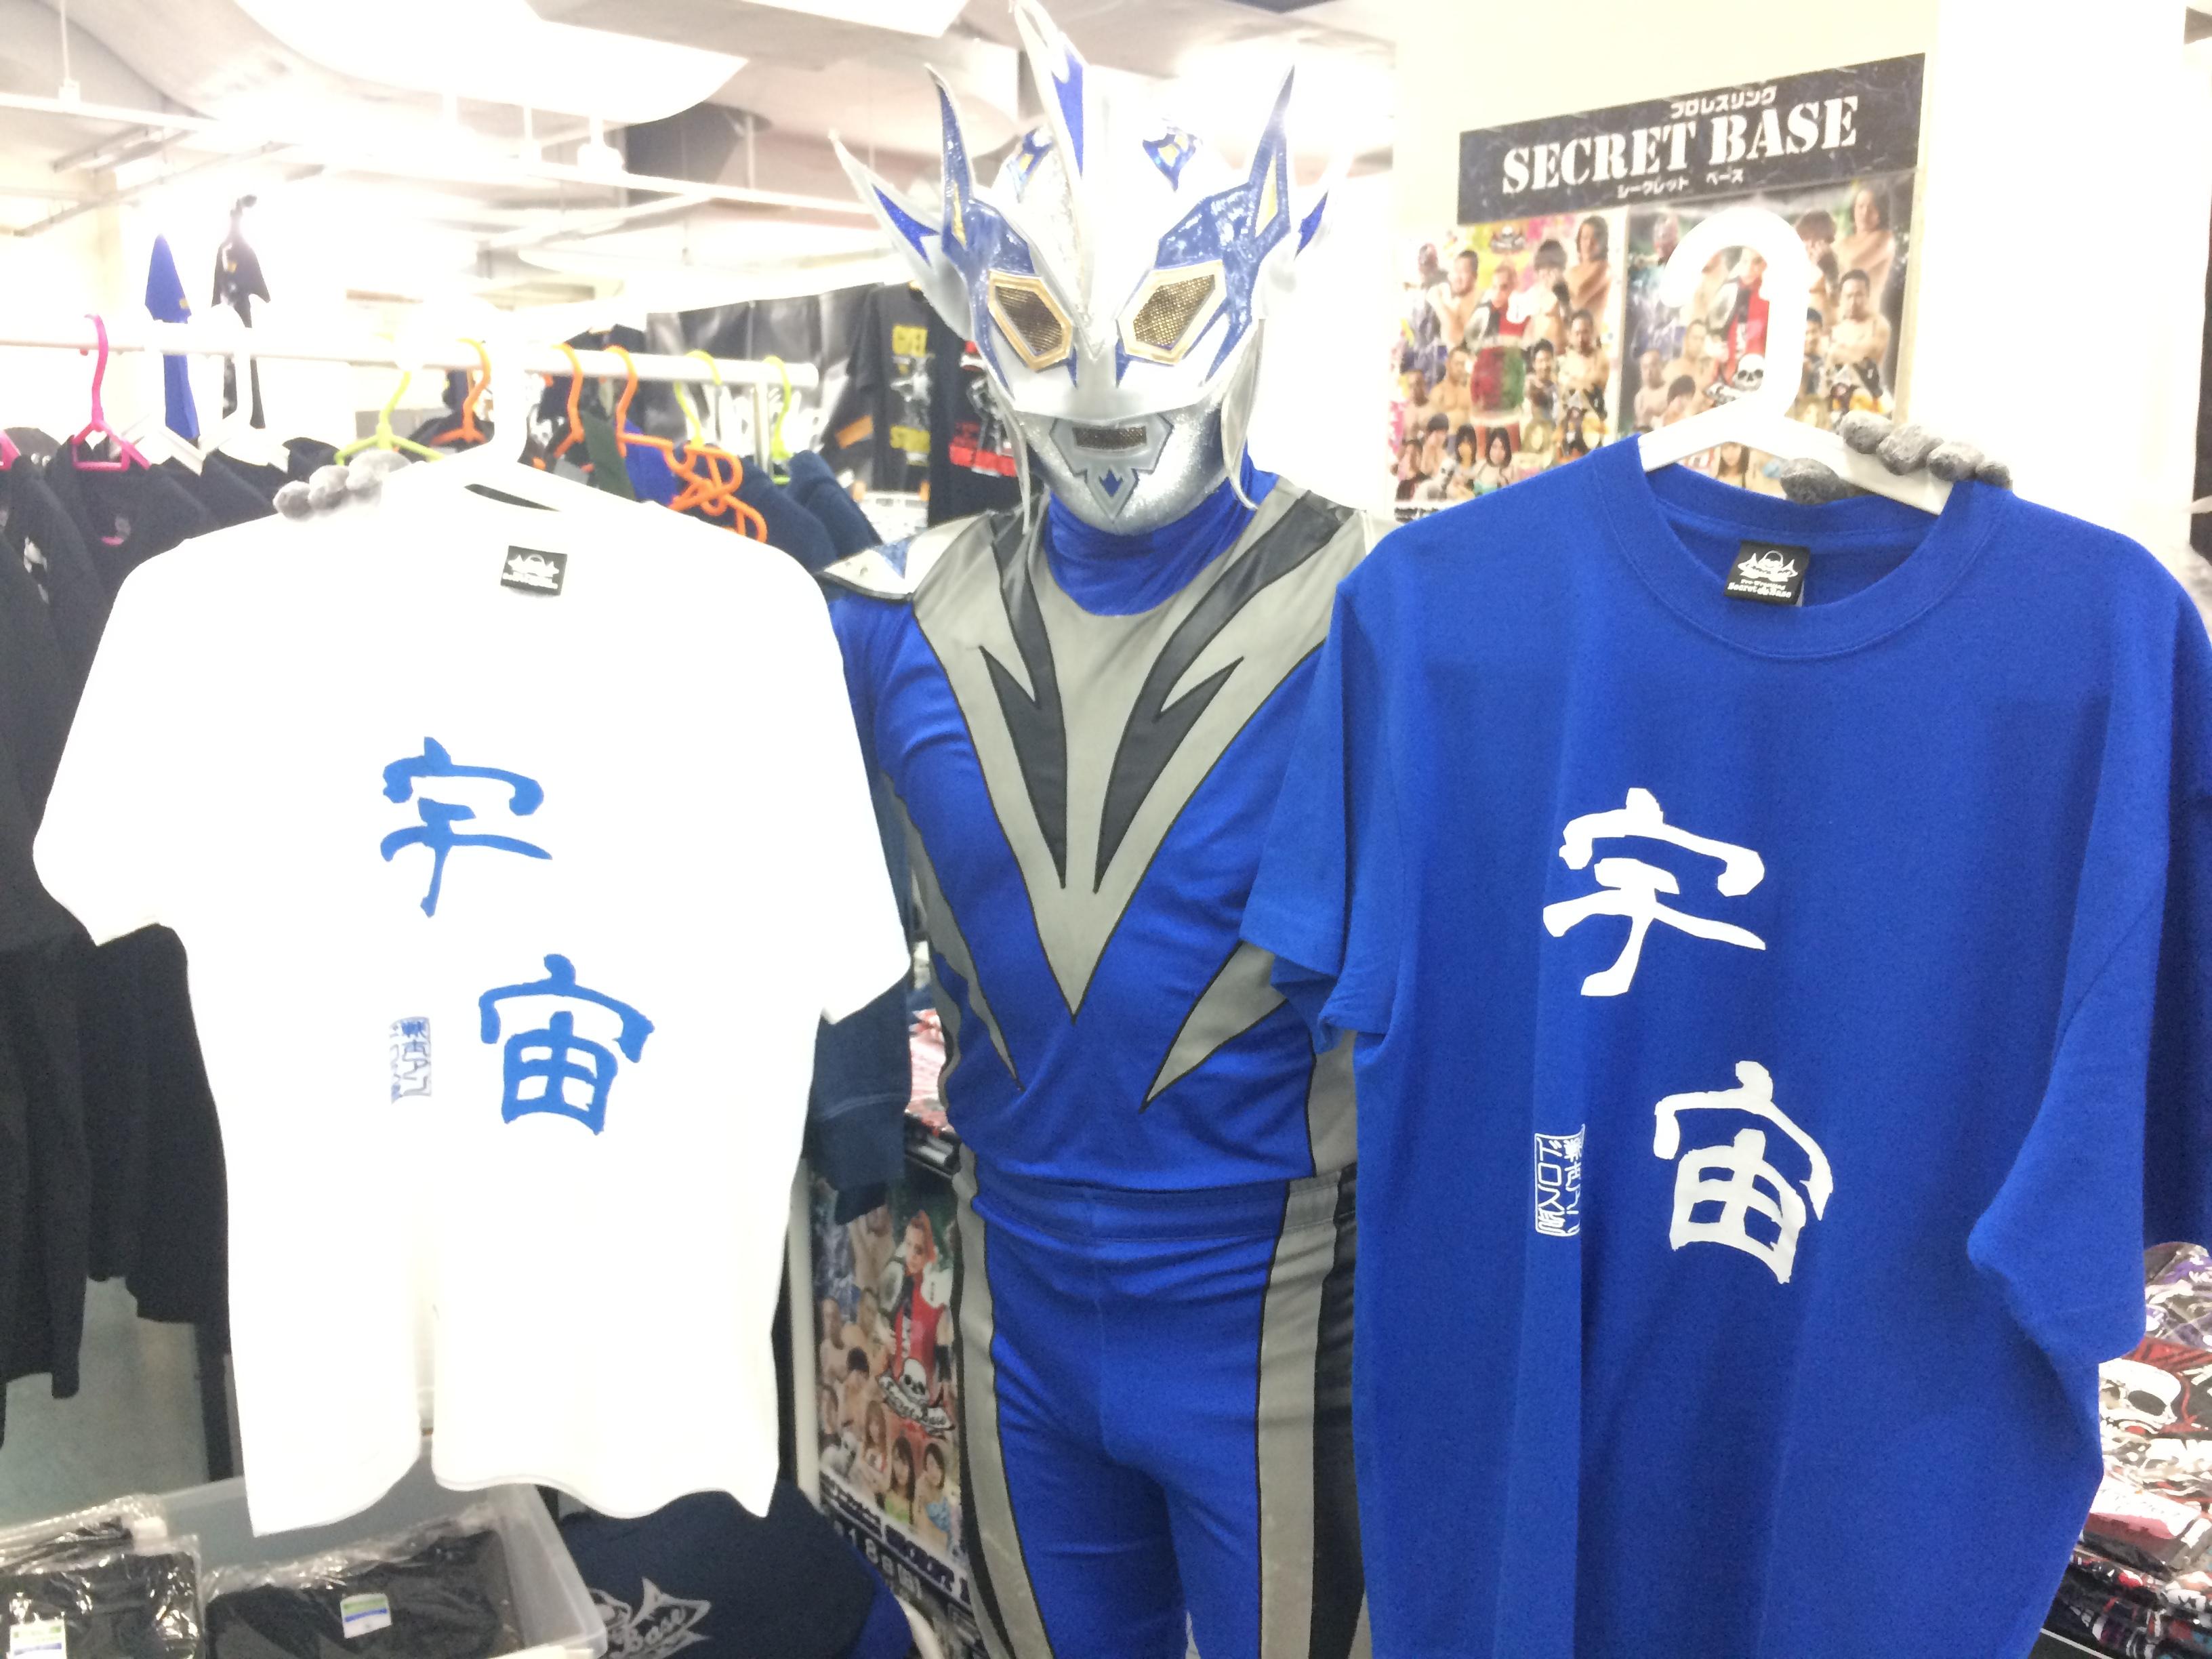 宇宙銀河戦士アンドロスTシャツがオフィシャルとして登場!